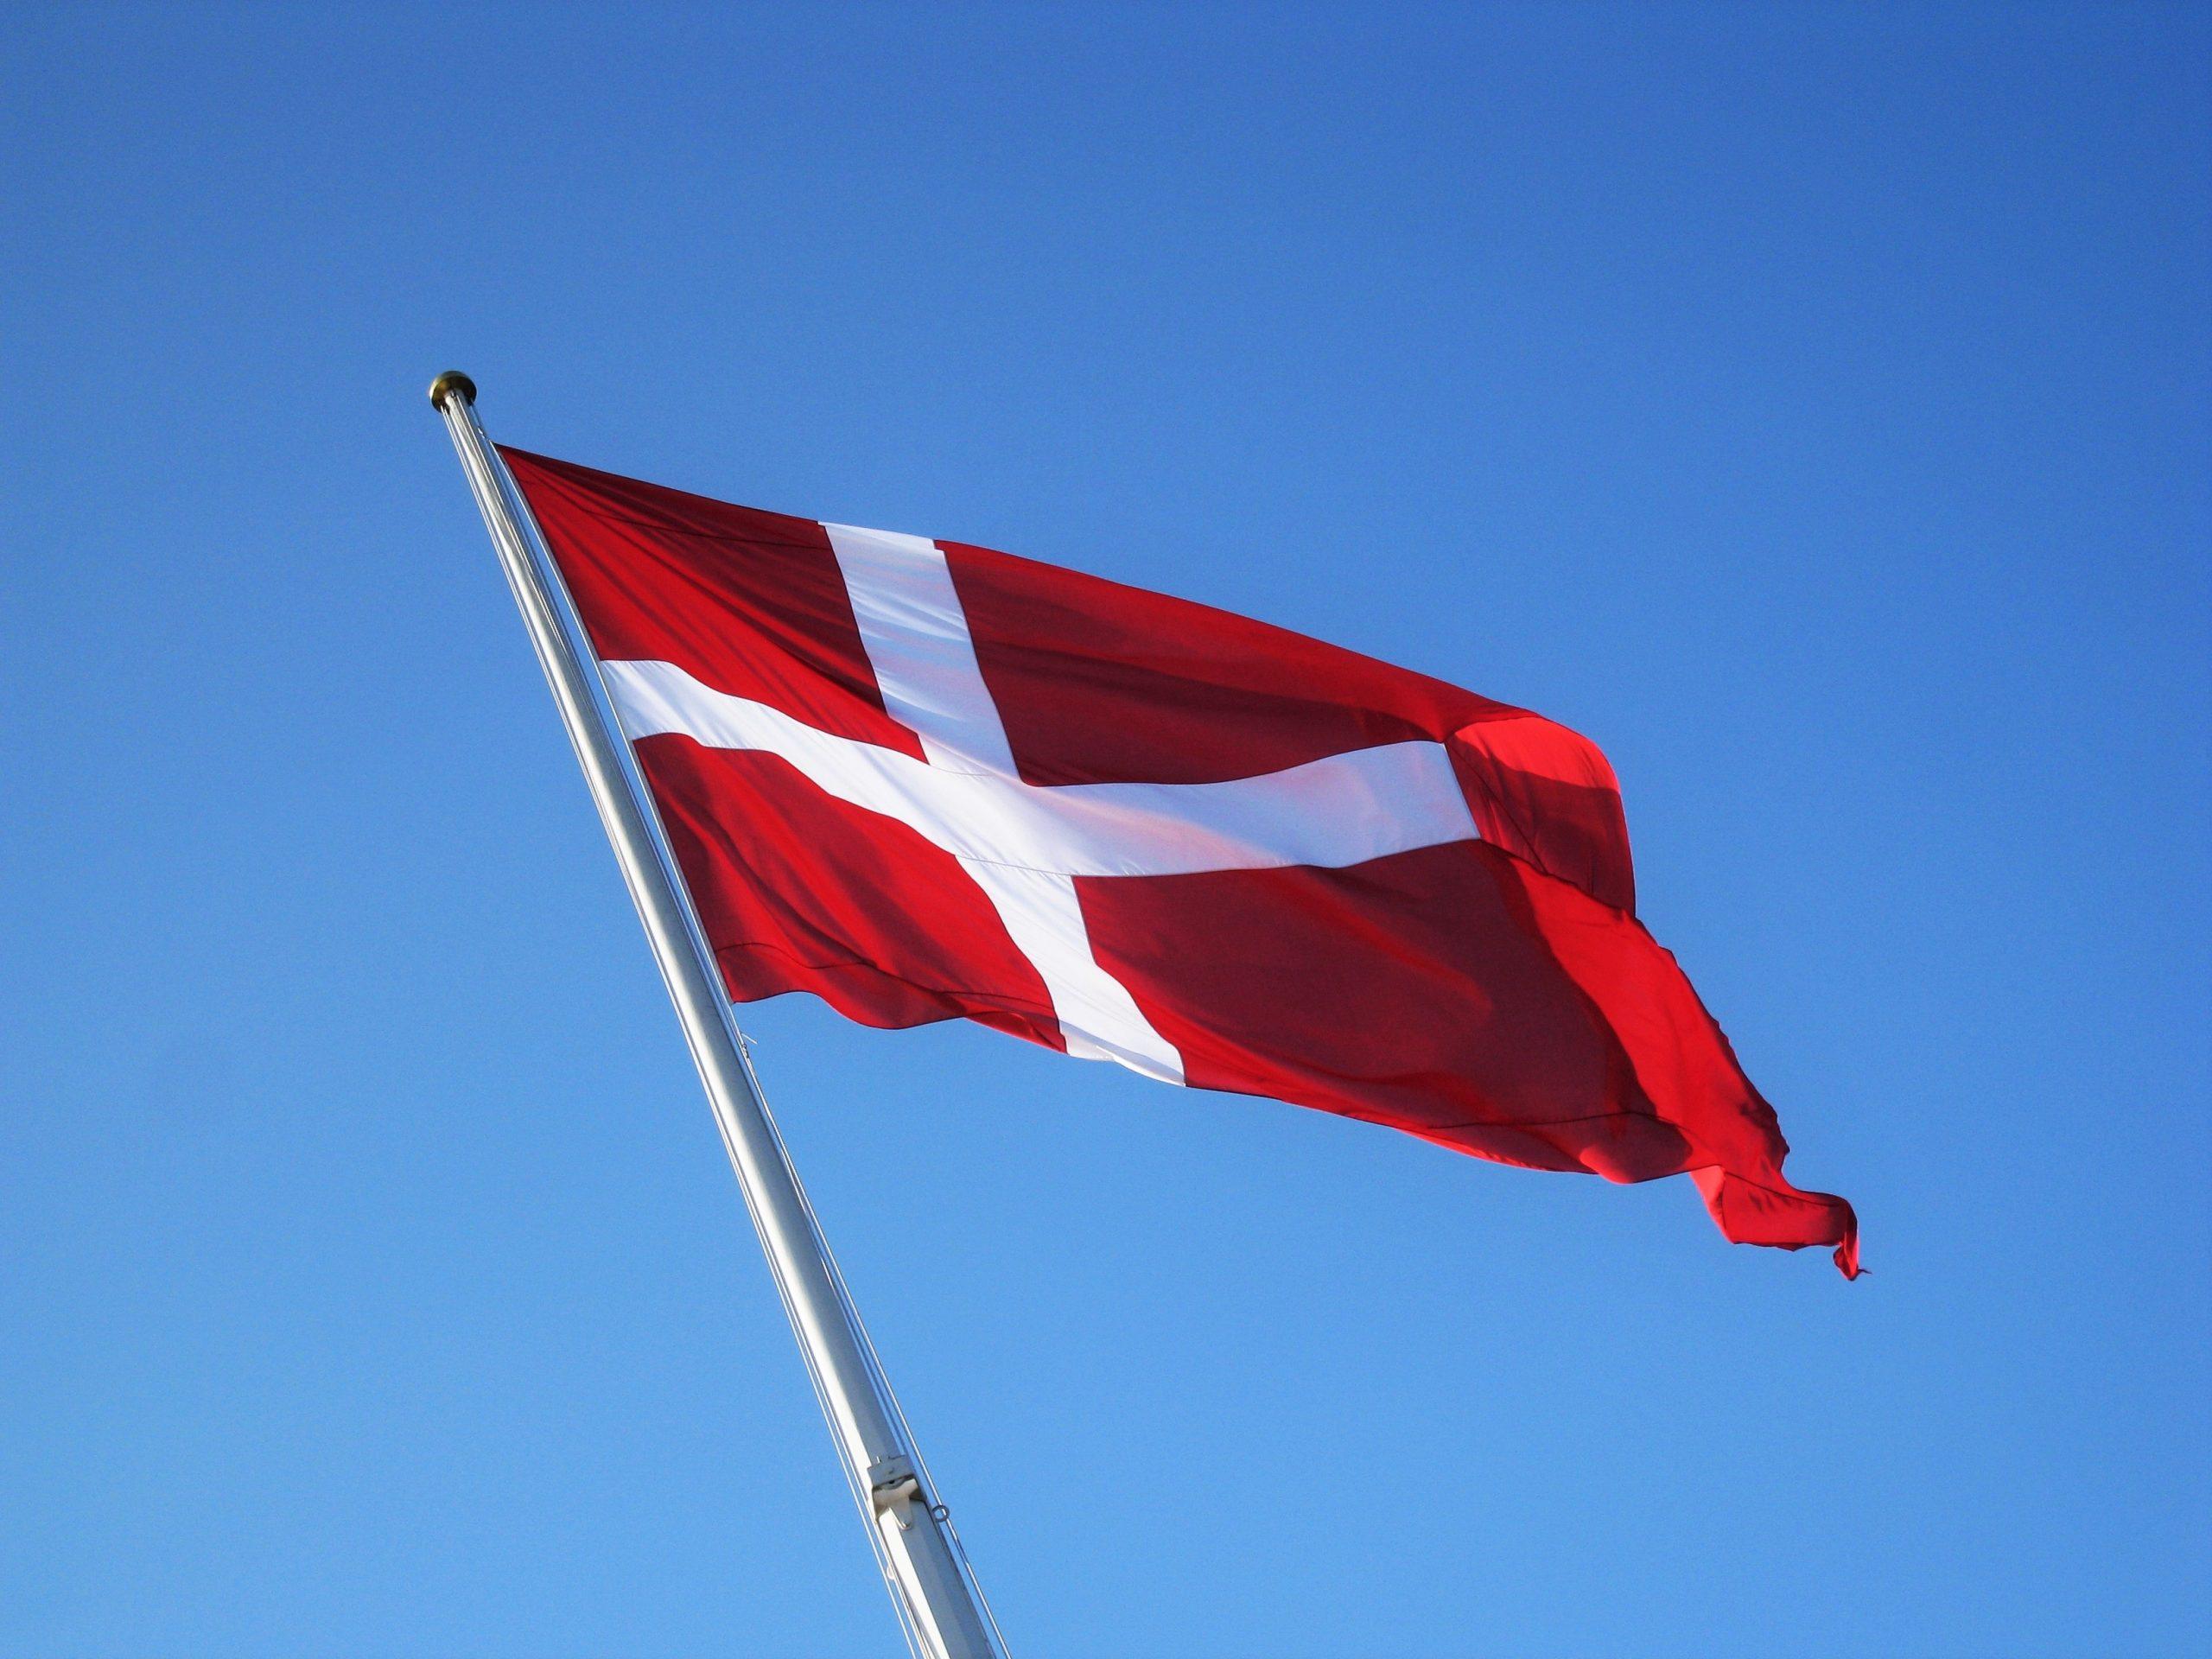 In Dänemark müssen alle Kreuzfahrtgäste, die an Land gehen wollen, ab sofort einen Covid-19-Test machen, auch Geimpfte und Genesene